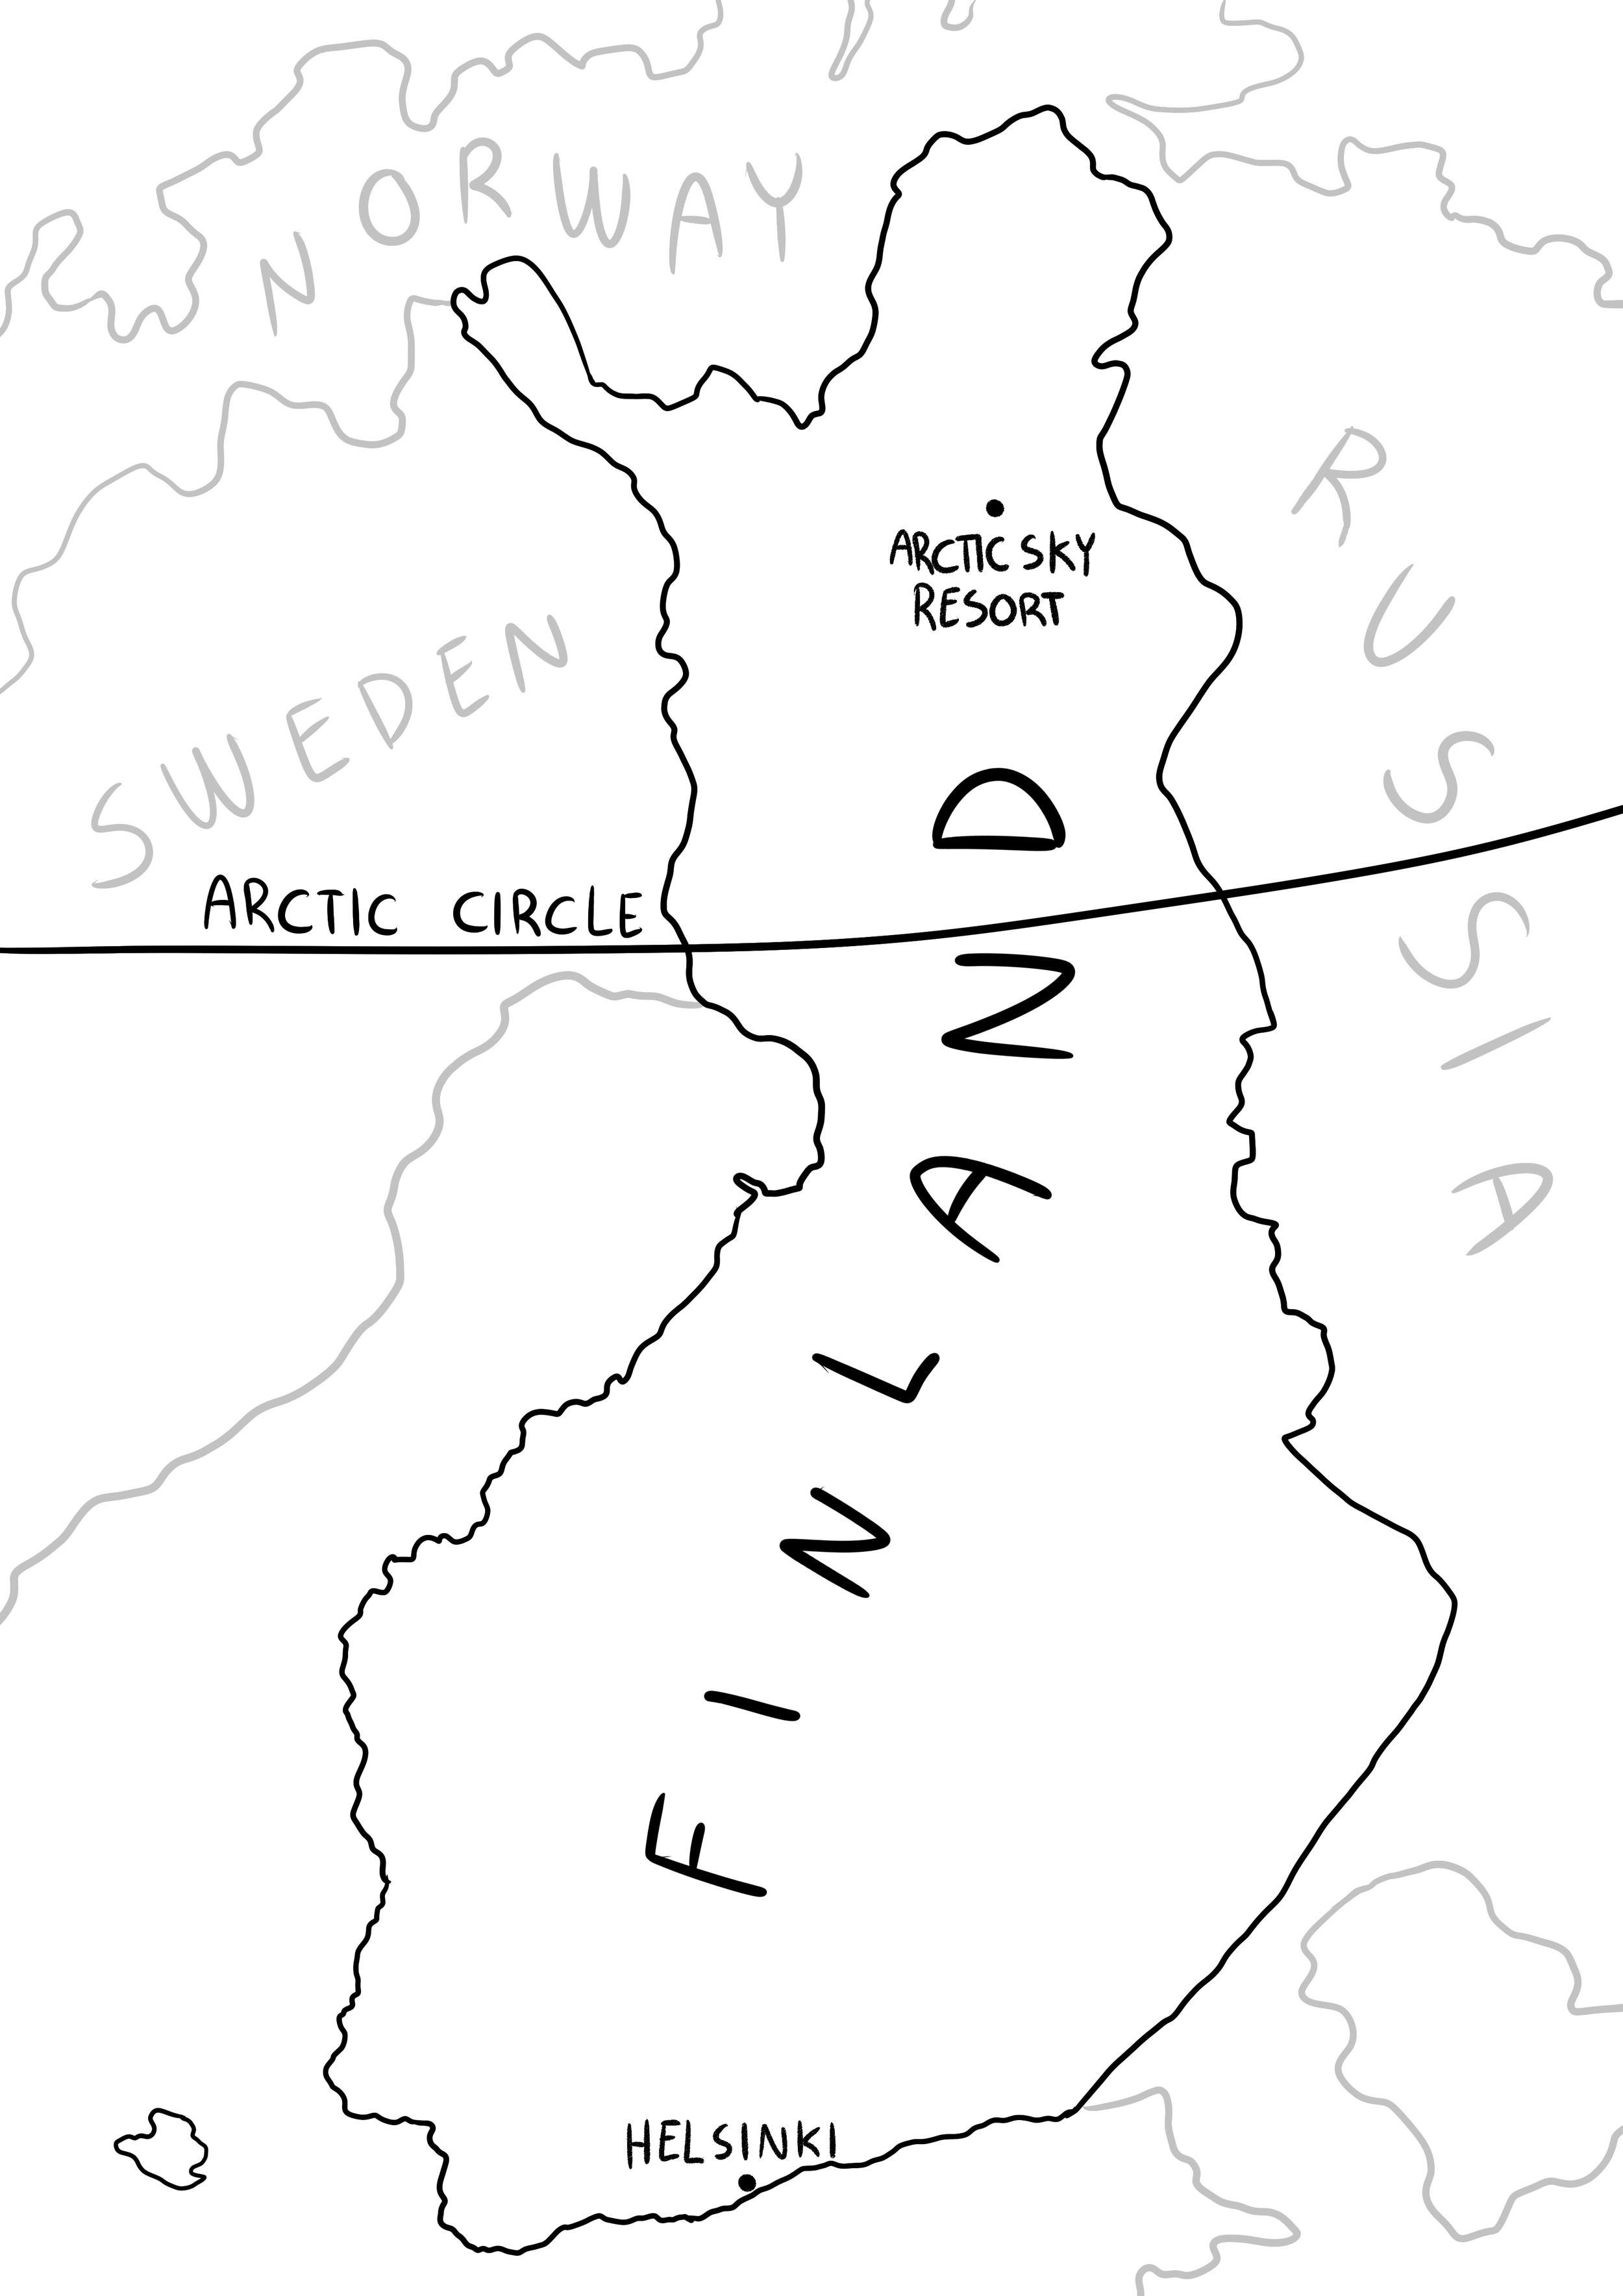 suomenkartta.png